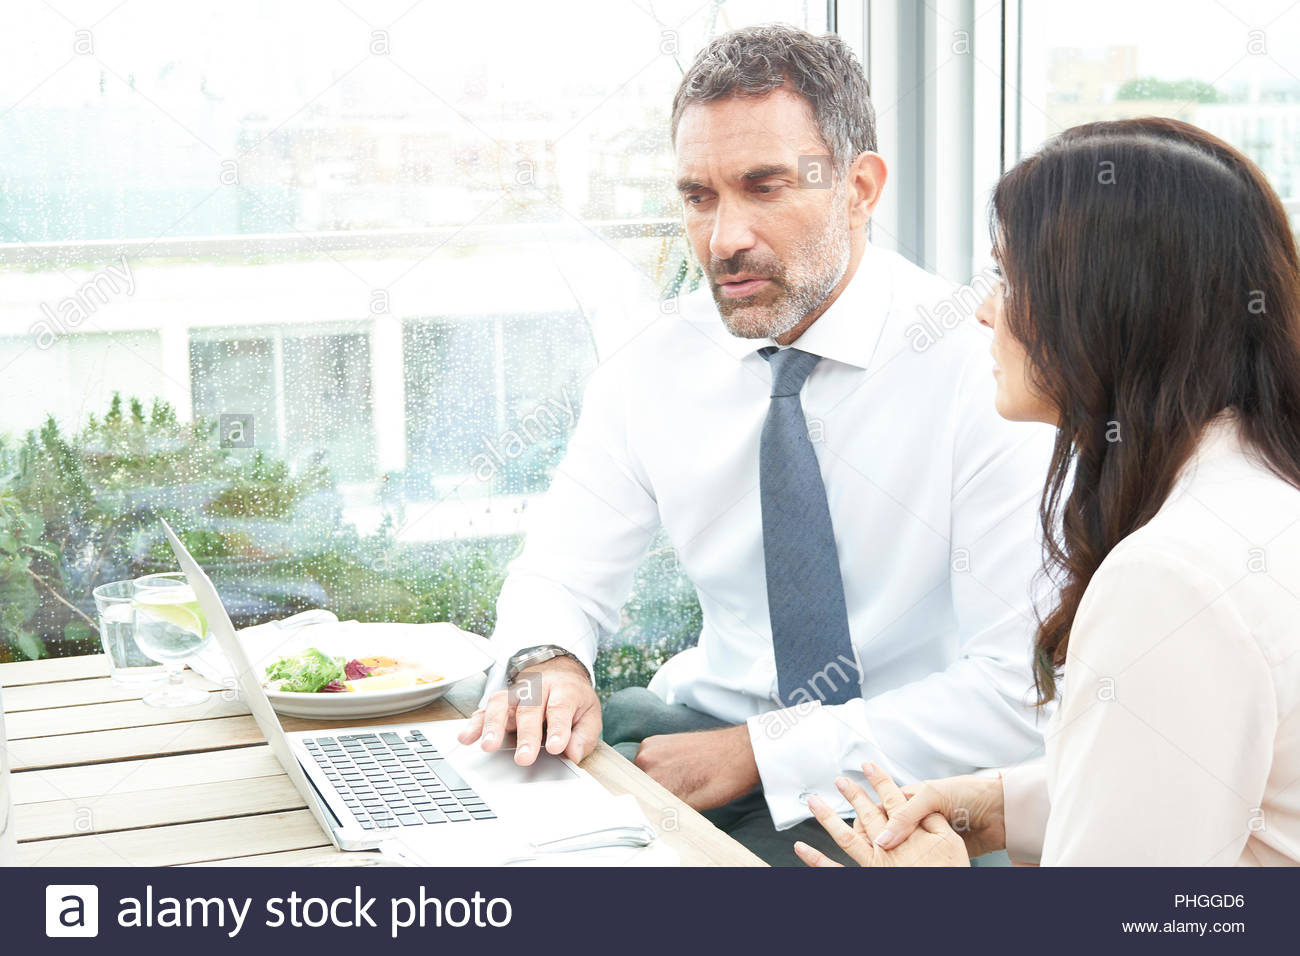 Los empresarios con un portátil en un restaurante meeting Foto de stock